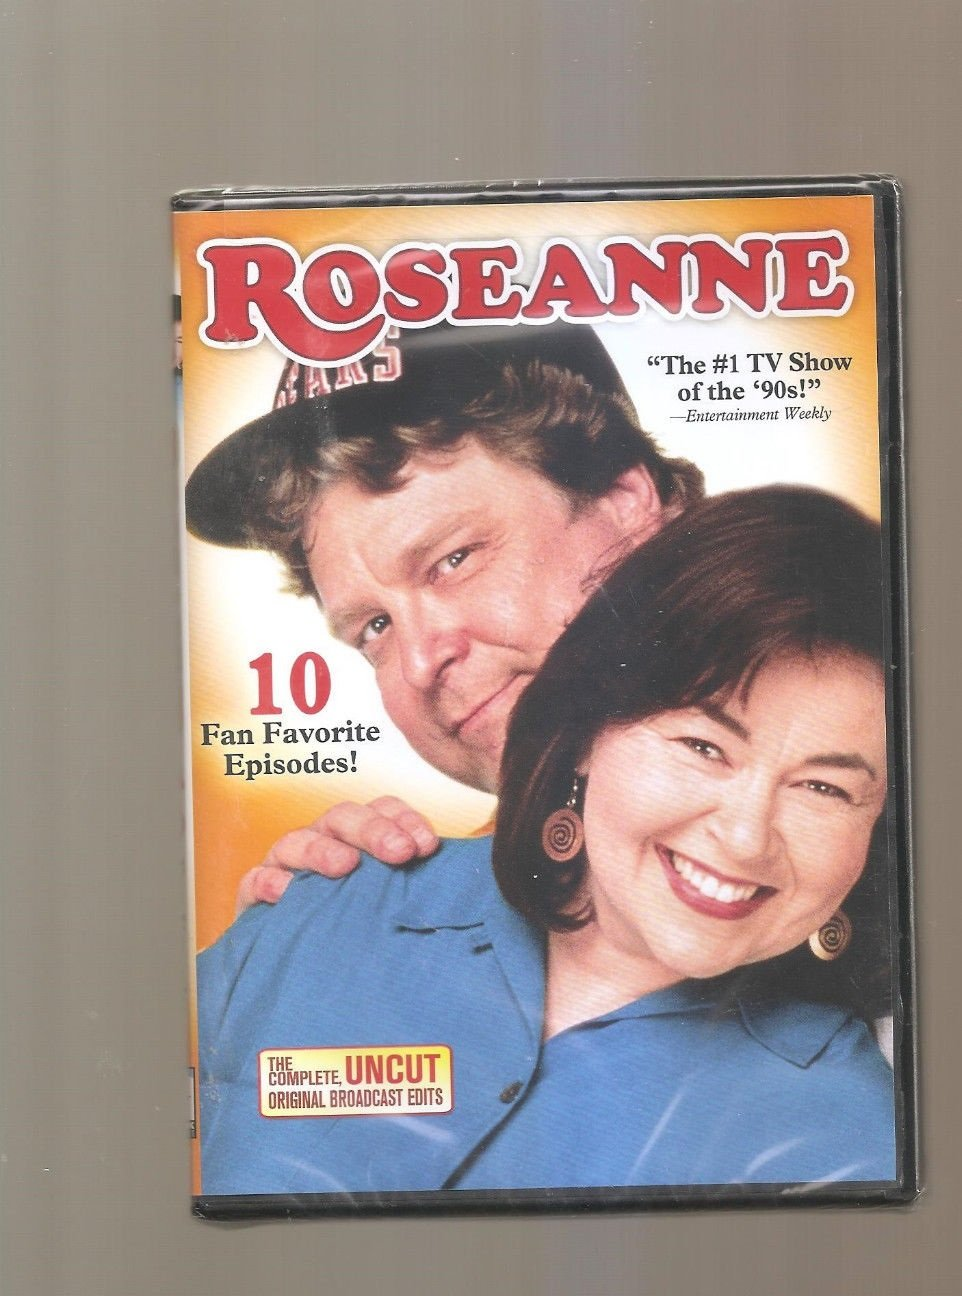 Roseanne: 10 Fan Favorite Episodes (DVD, 2011)